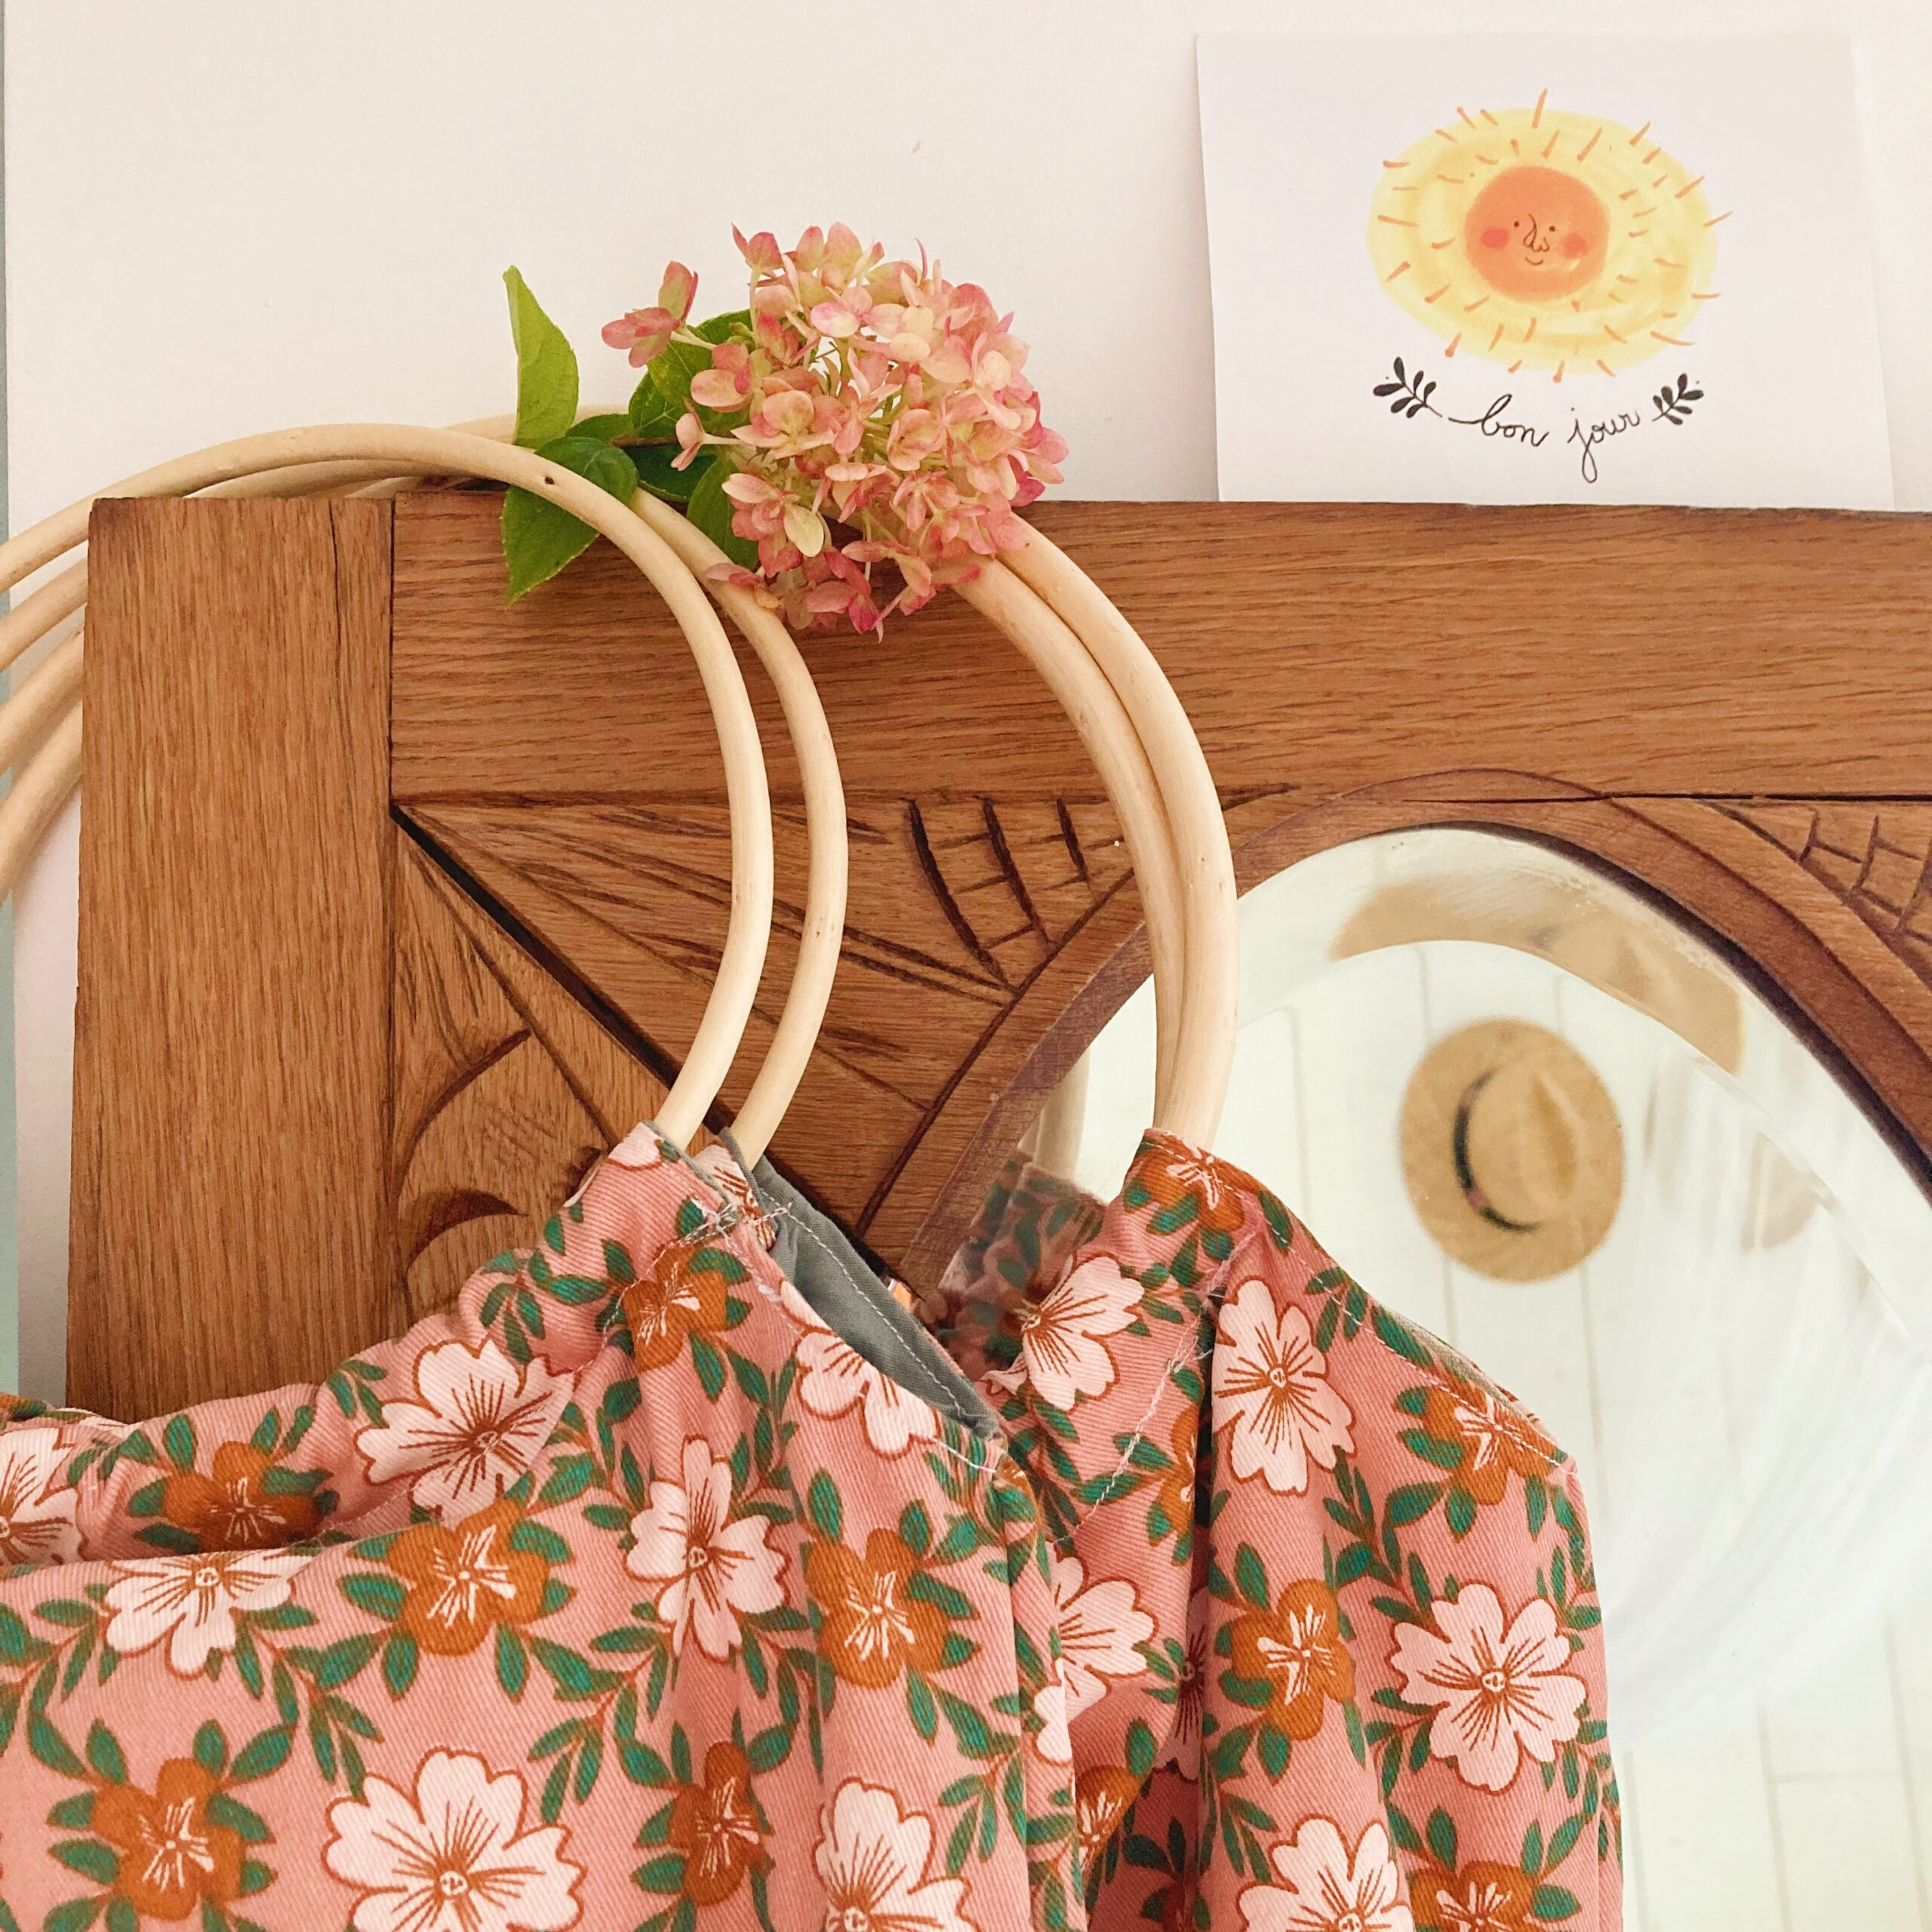 le sac paulette anse rotin vintage fabrication artisanale française - du vent dans mes valises